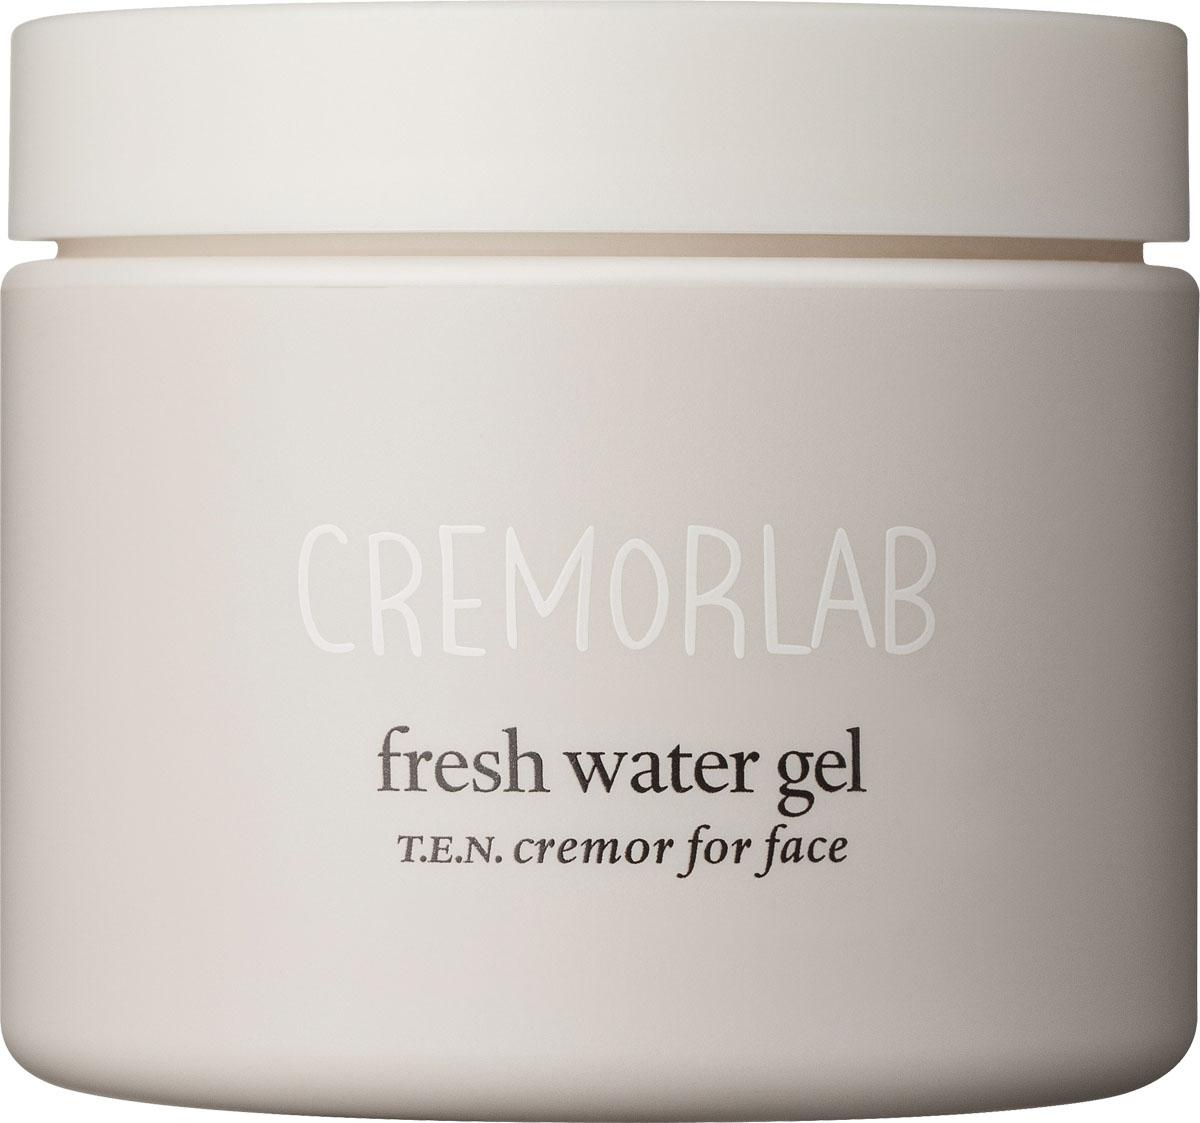 Cremorlab T.E.N. Cremor Крем–гель, интенсивное увлажнение Fresh Water Gel, 100 мл61010Легкий гель глубоко и эффективно увлажняет, защищает, успокаивает, создает ощущение свежести и комфорта. Средство обладает способностью запирать воду в коже и препятствовать ее избыточному испарению, что обеспечивает стойкий лифтинг эффект. Благодаря нежной текстуре, легко наносится и великолепно впитывается, экономично и комфортно в использовании. Активные запатентованные ингредиенты прекрасно увлажняют кожу, препятствуют закупориванию пор, способствуя нормальному дыханию кожи, содержит натуральное масло болгарской розы, которое называют королем эфирных масел за его уникальные успокаивающие свойства. Средство обладает еле уловимым ароматом и рекомендовано для всех типов и состояний кожи. Рекомендовано для всех типов и состояний кожи. Отсутствуют синтетические отдушки, эмульгаторы, парабены, красители и химические консерванты.